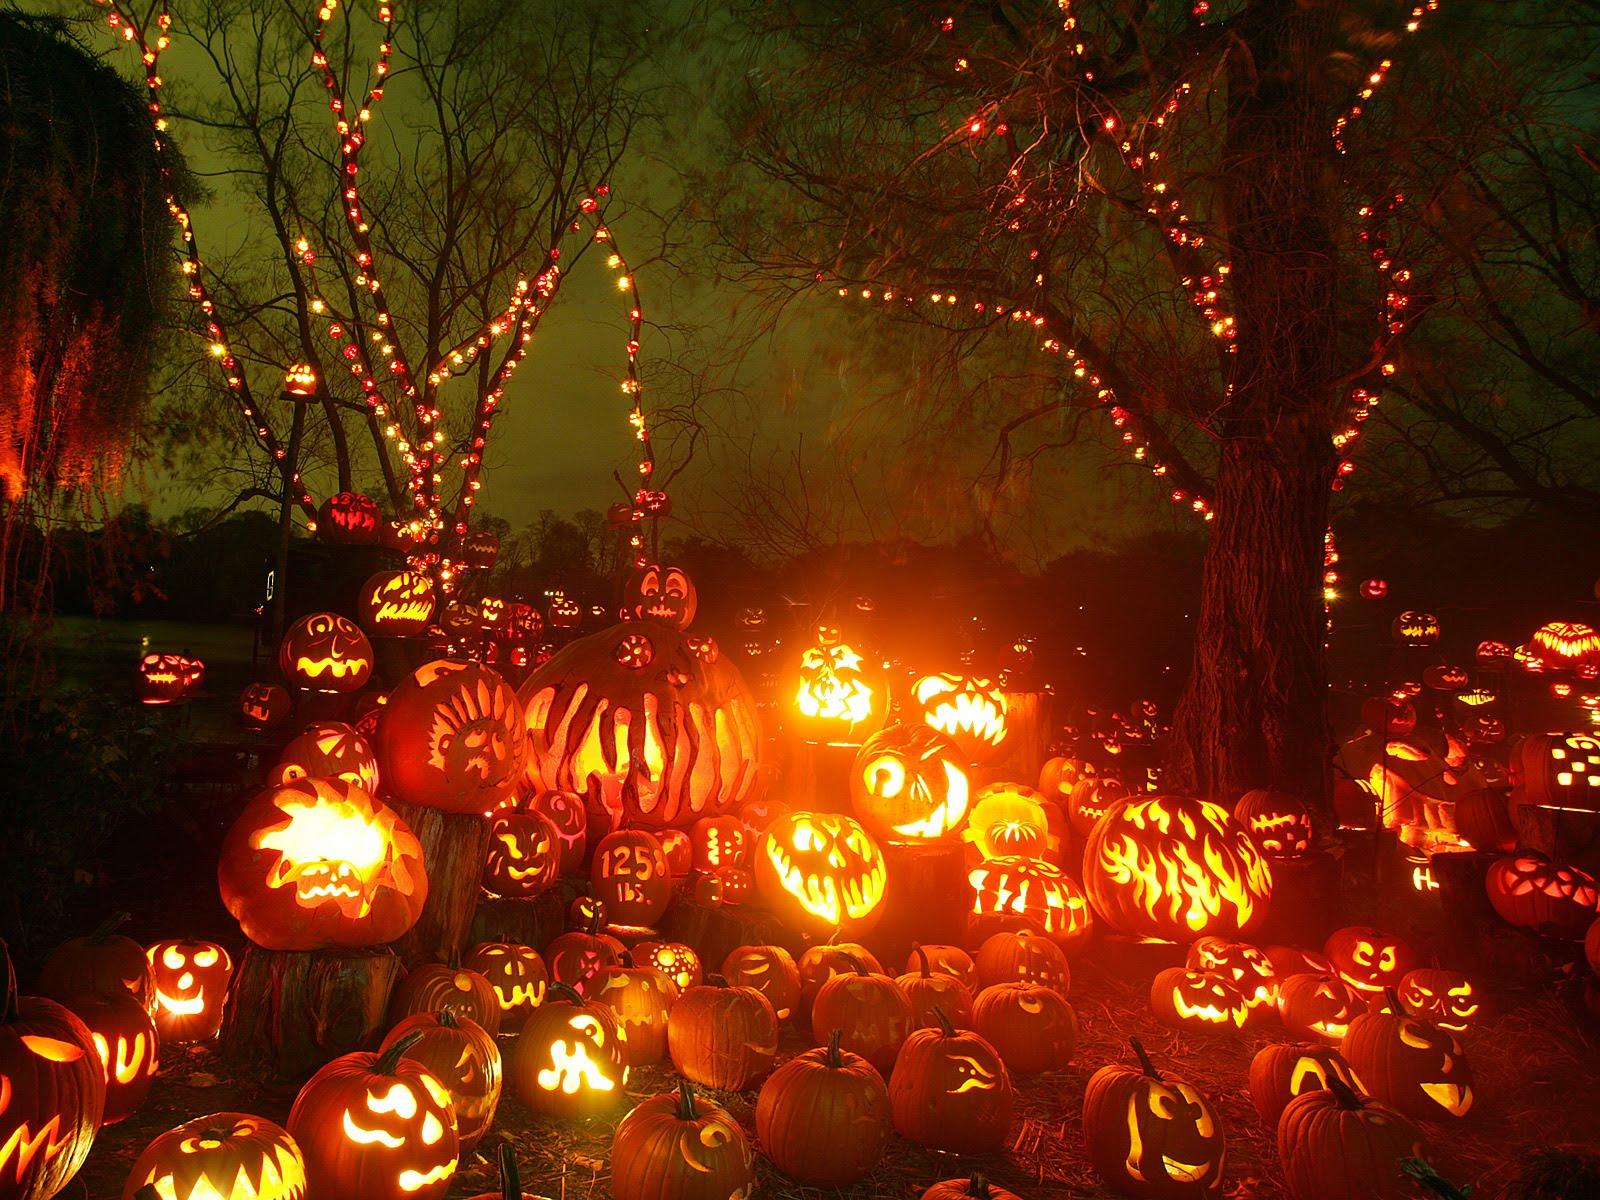 http://2.bp.blogspot.com/-9GmerPCGtr8/Tpin4A3DJGI/AAAAAAAAB_g/DSqOKEvCqDM/s1600/wallpapers-halloween-15.jpg